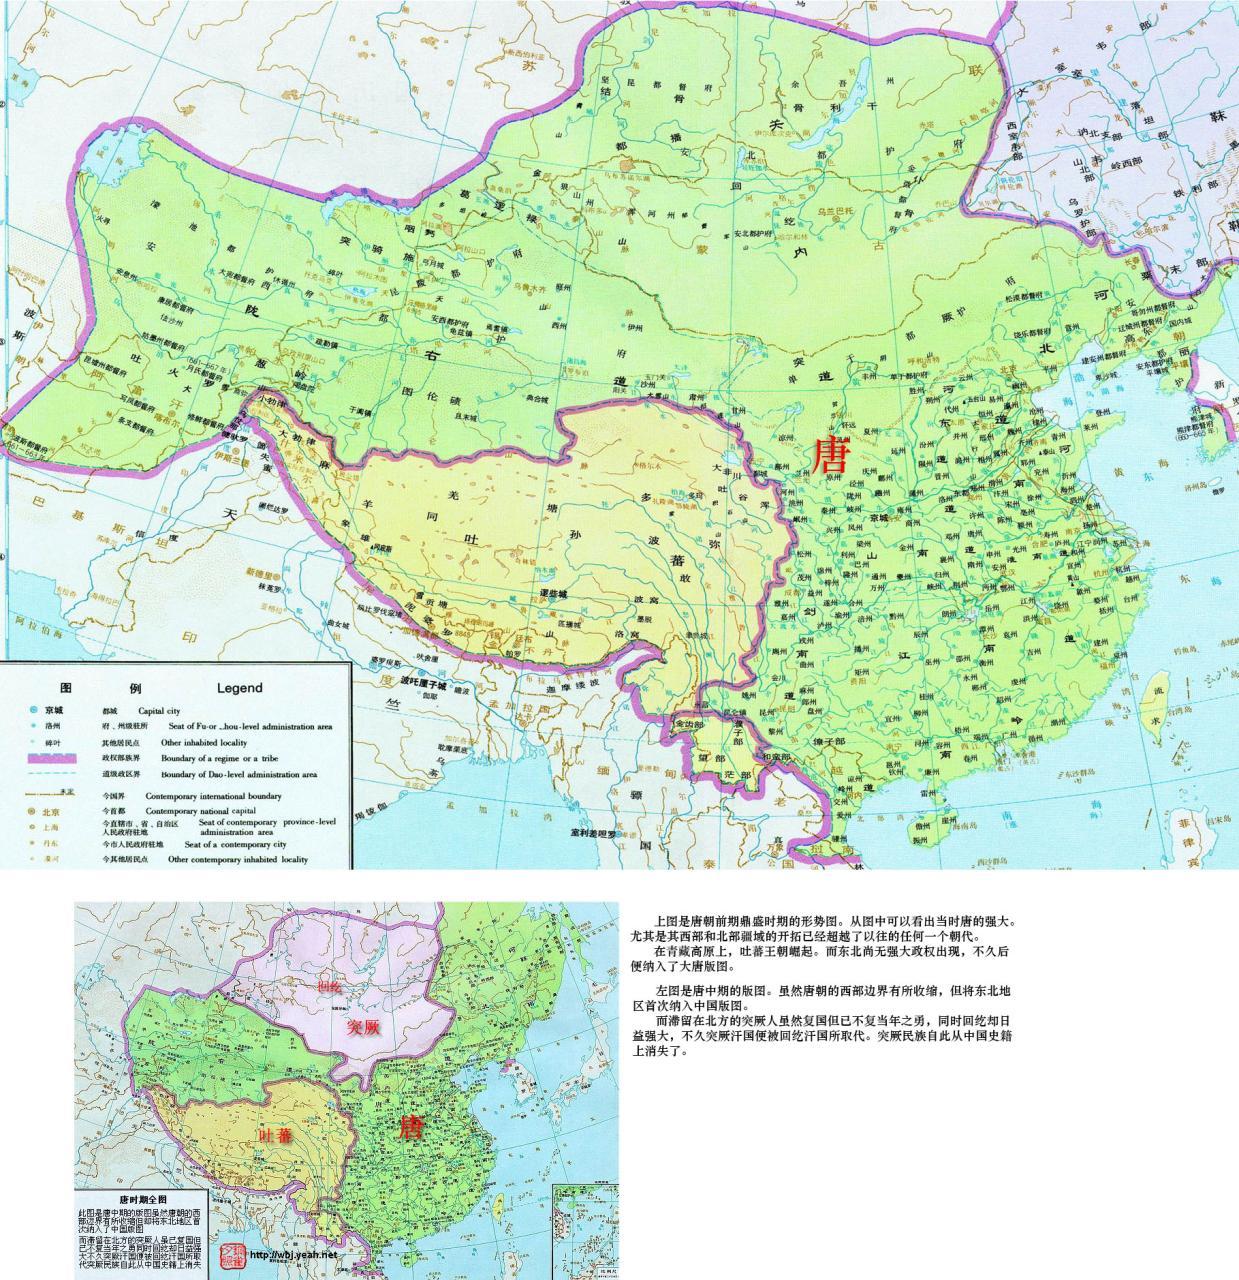 华民族历史疆域图